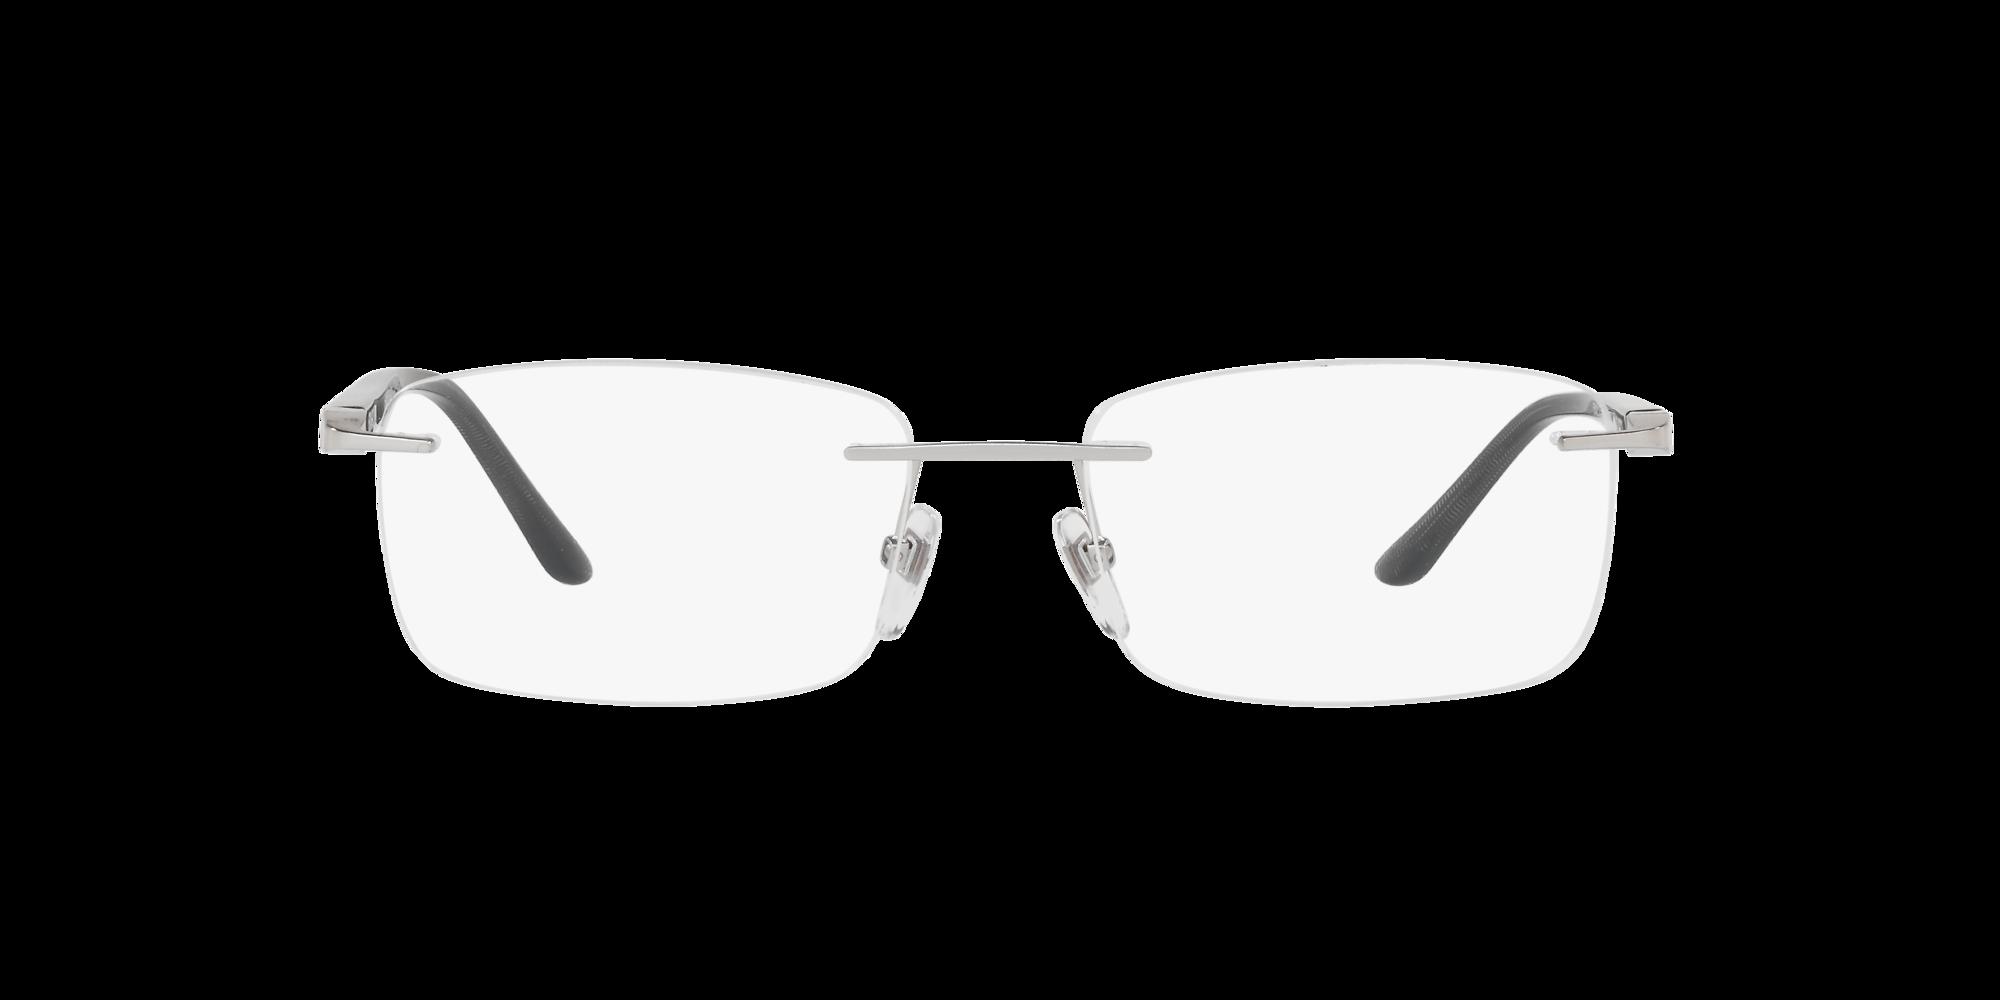 Imagen para SH2023 de LensCrafters |  Espejuelos, espejuelos graduados en línea, gafas